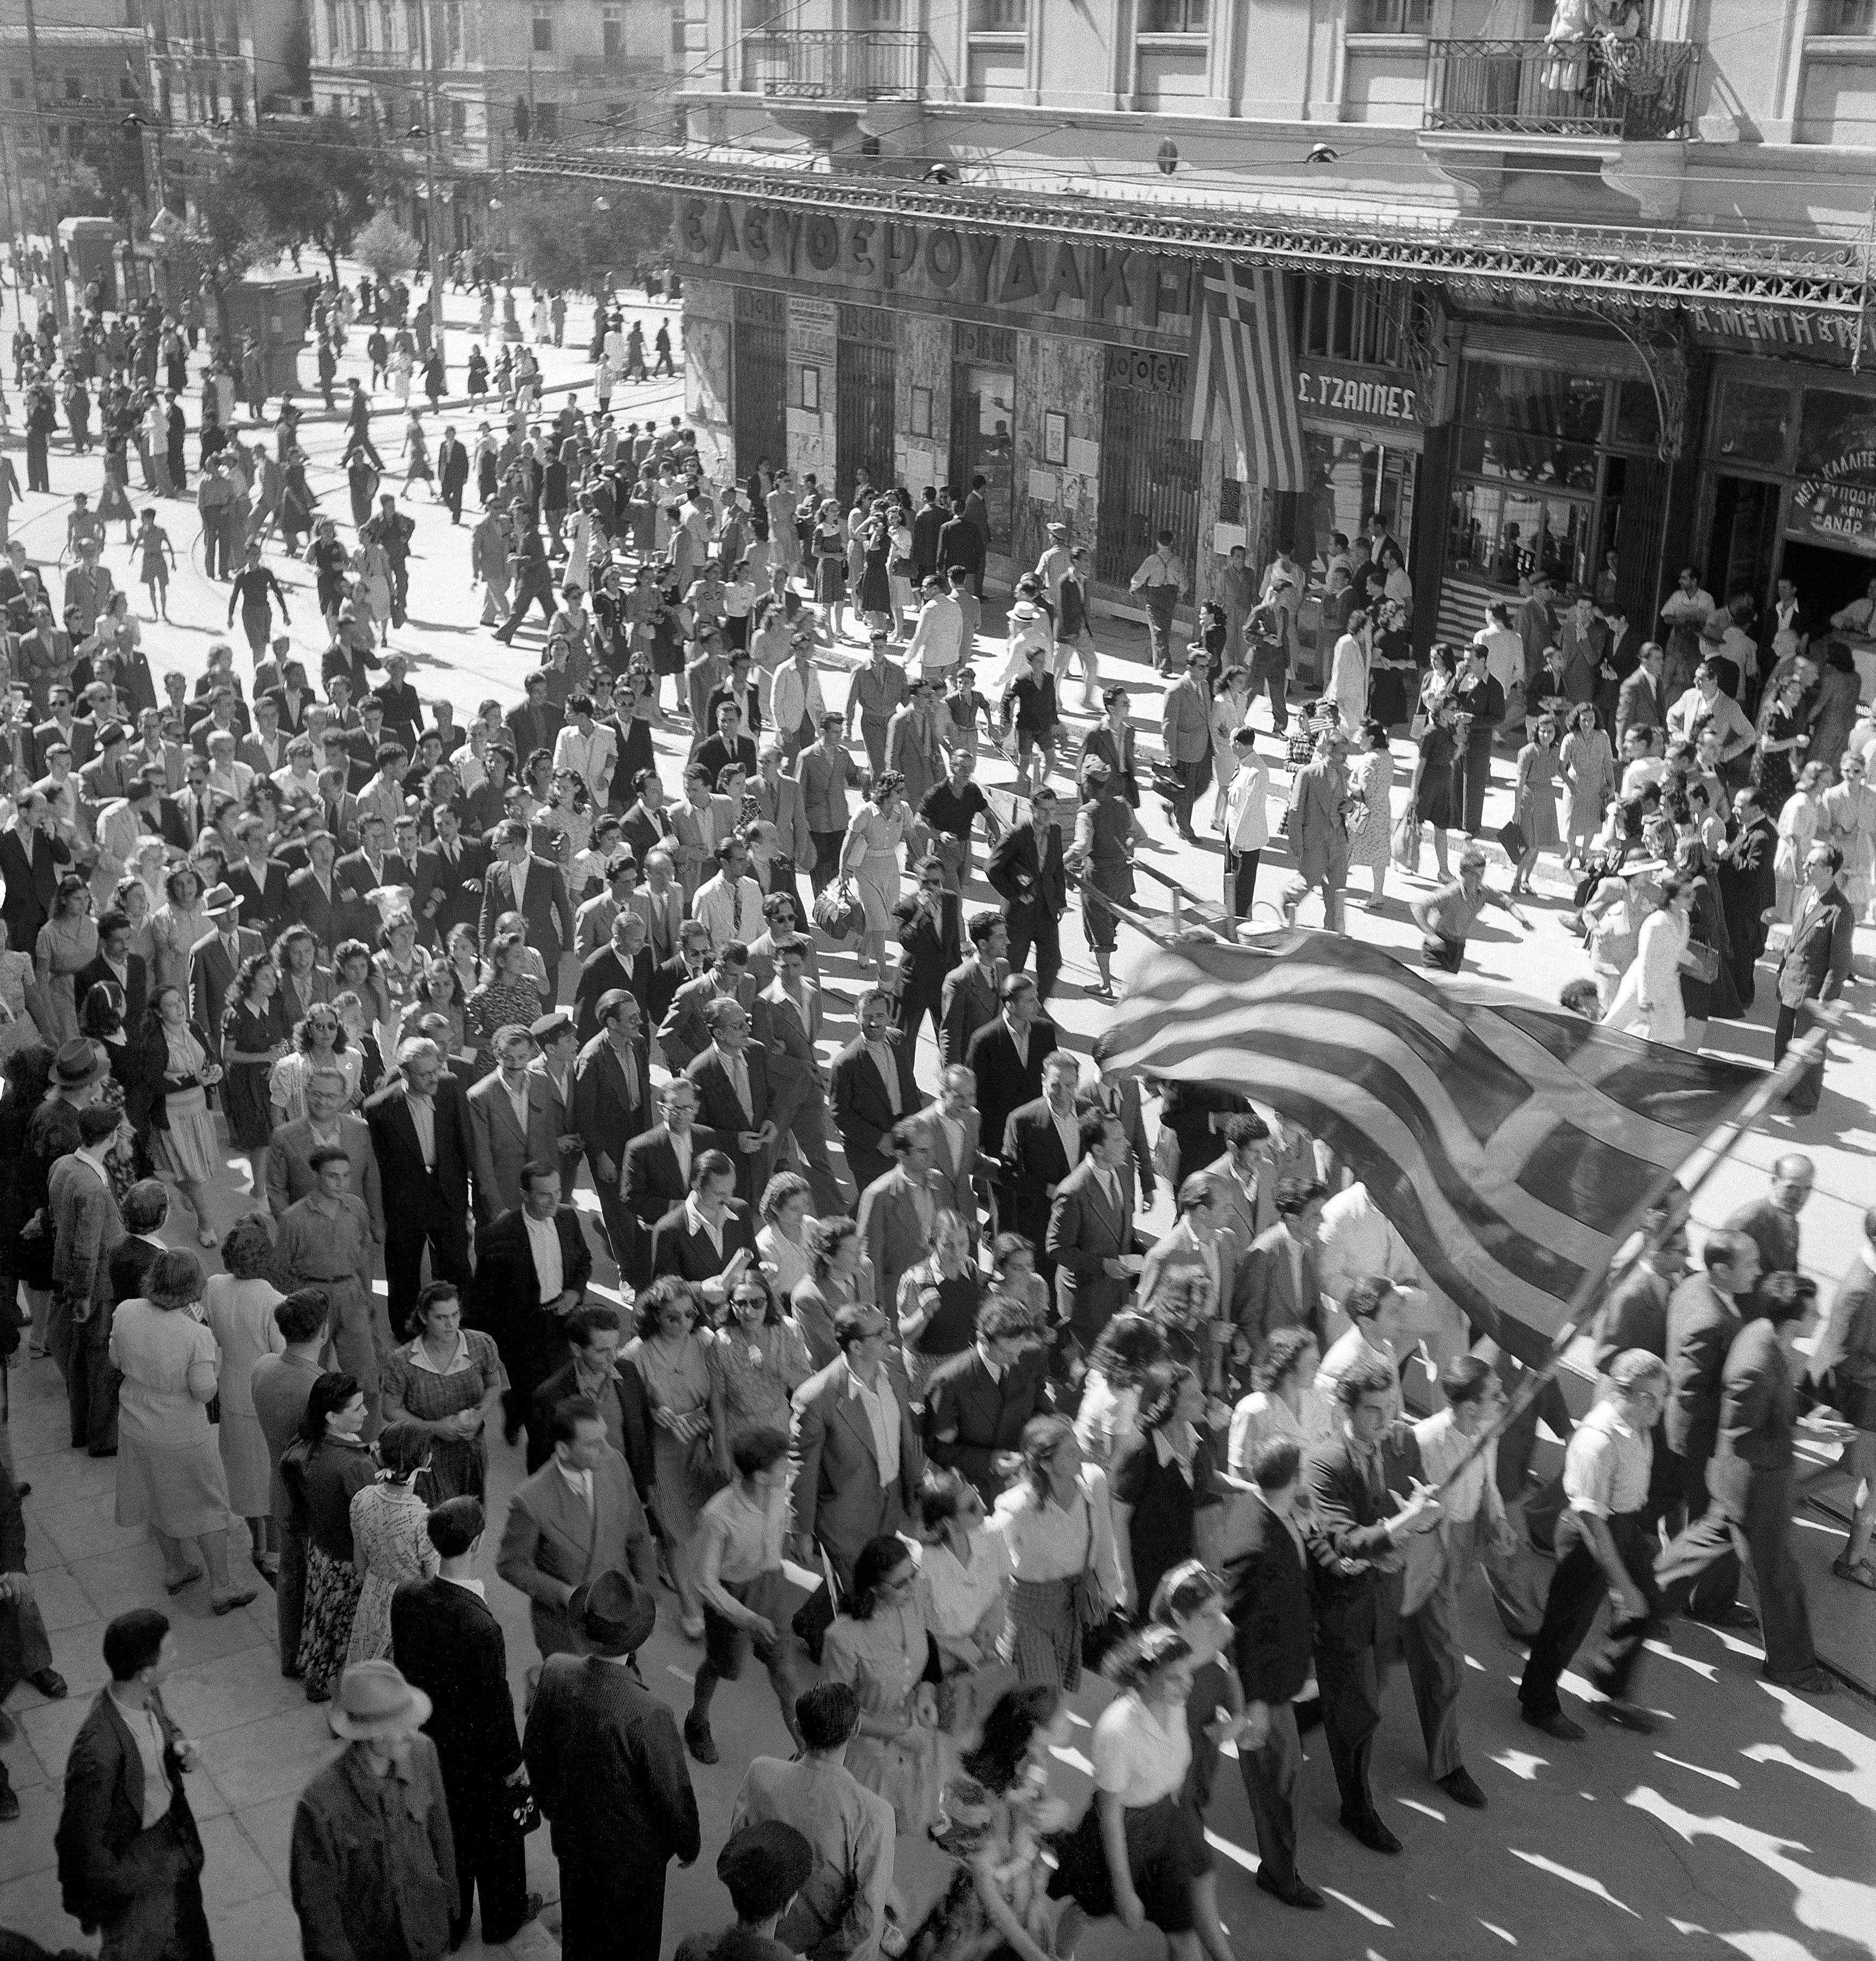 Αθηναίοι_γιορτάζουν_την_απελευθέρωση_της_πόλης_τους,_Οκτώβριος_1944